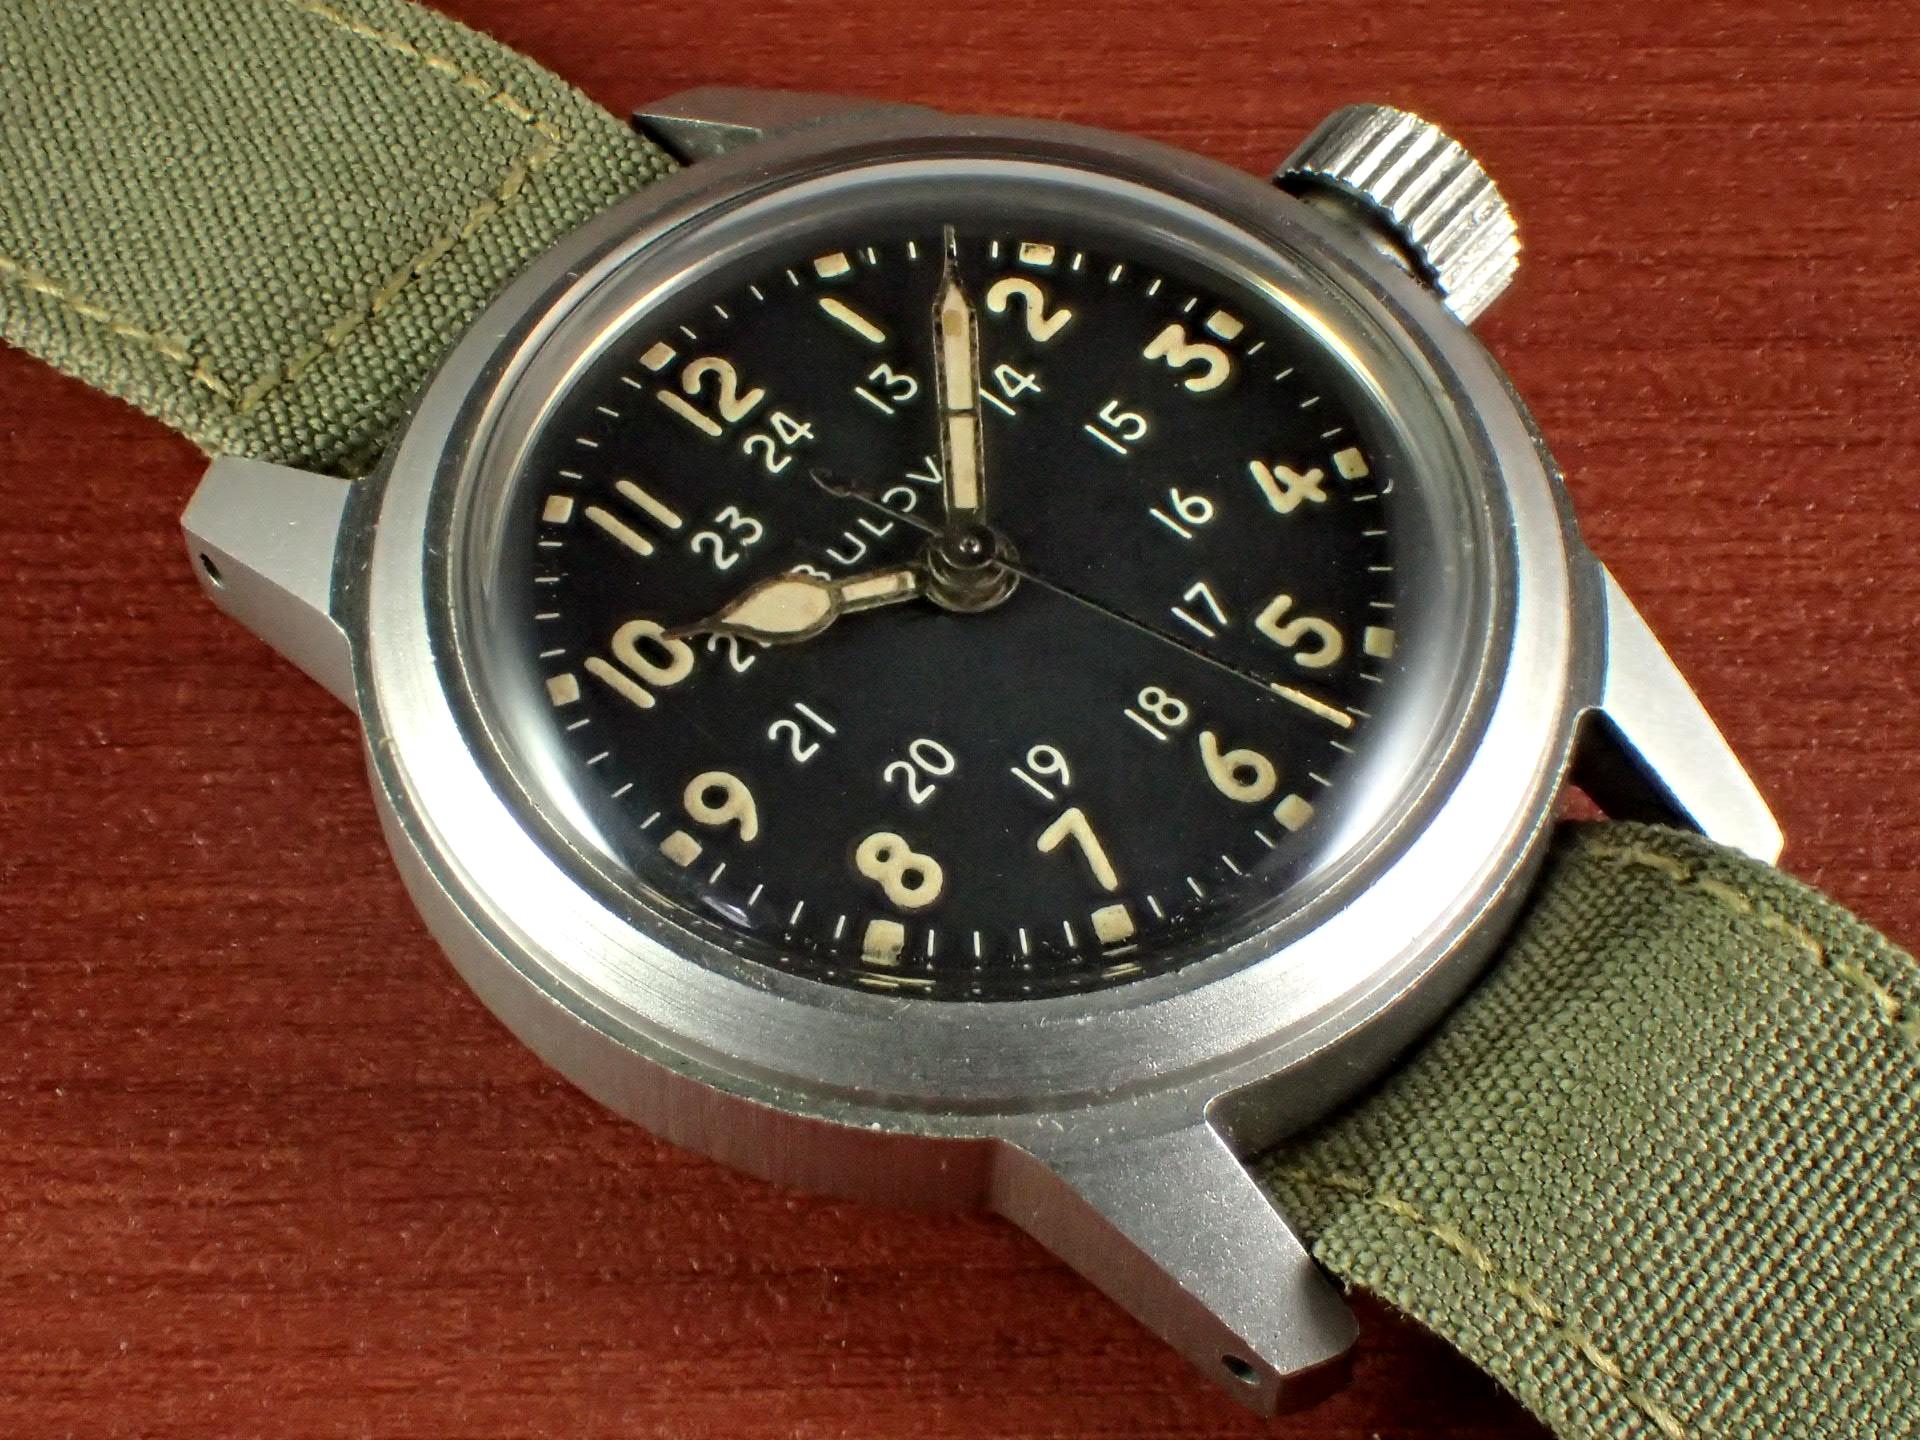 ブローバ アメリカ軍 MIL-W-3818A 1960年代のメイン写真